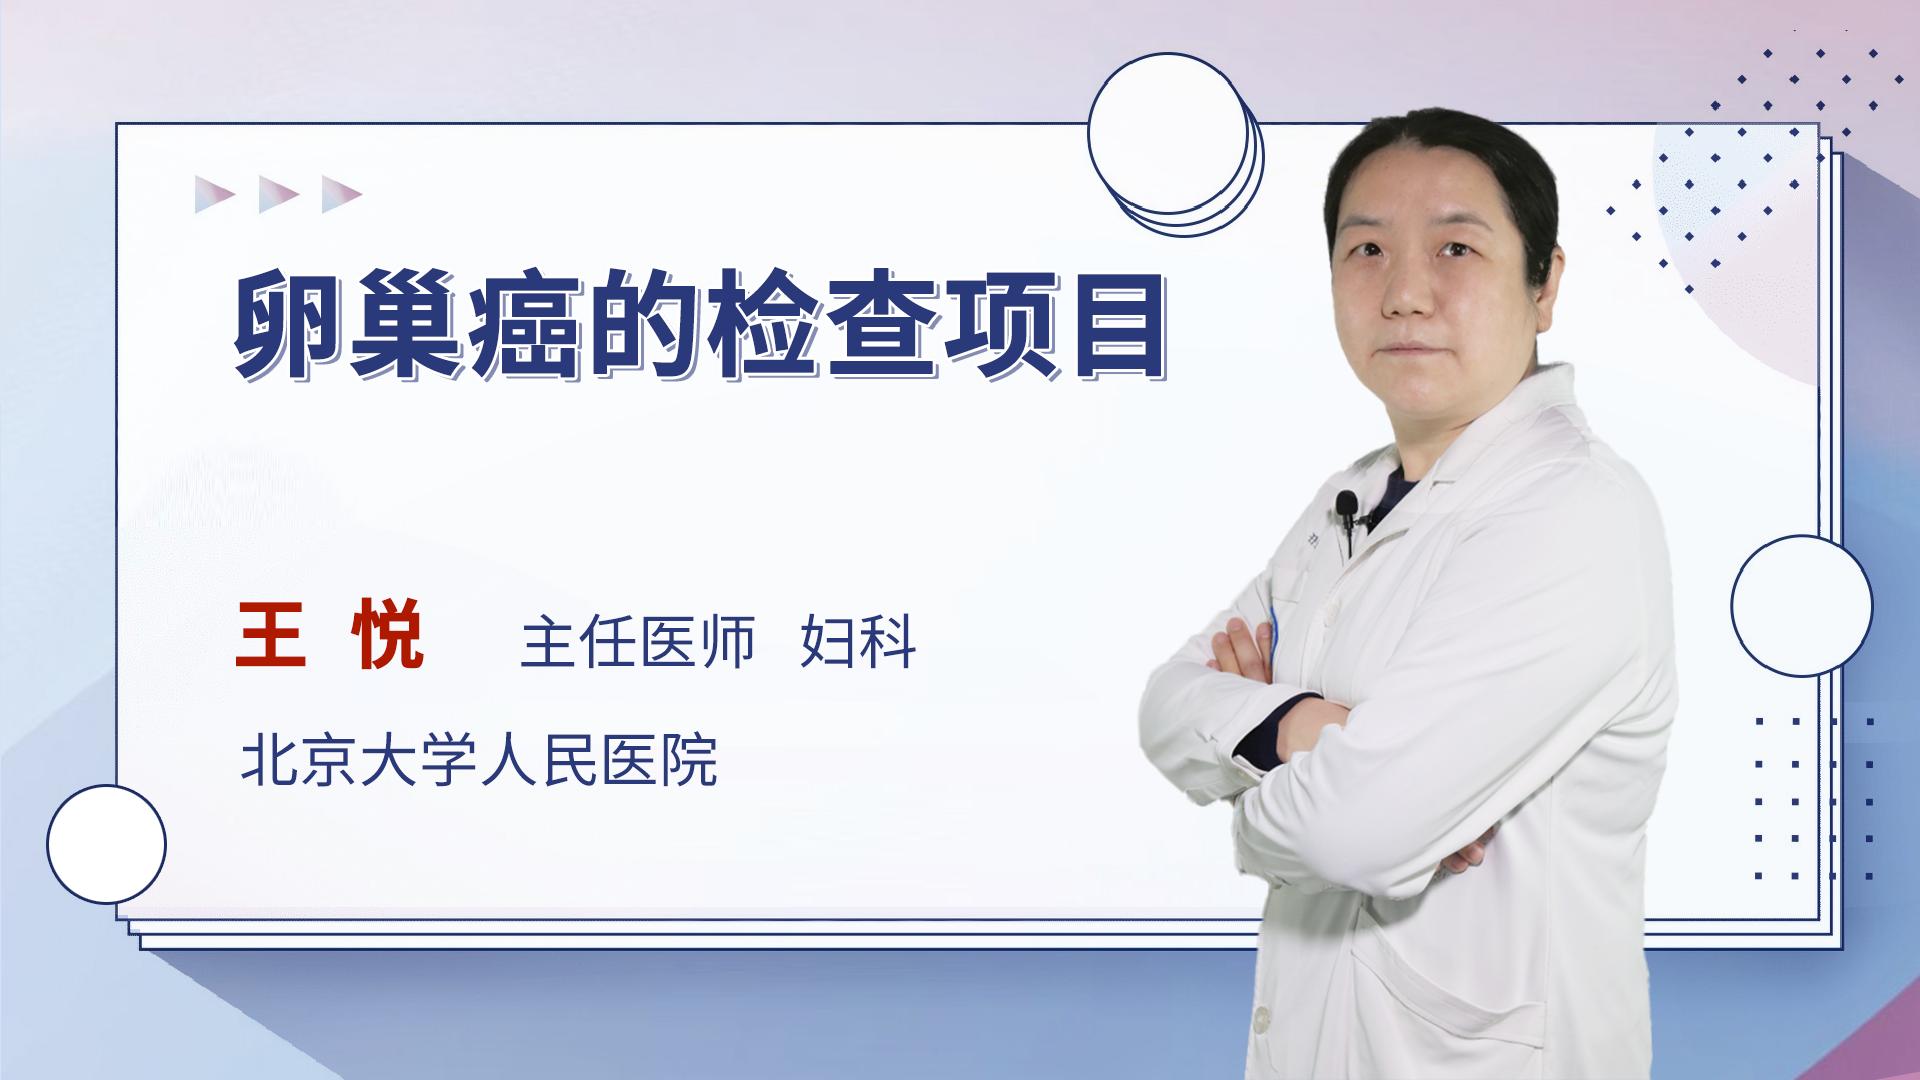 卵巢癌的检查项目